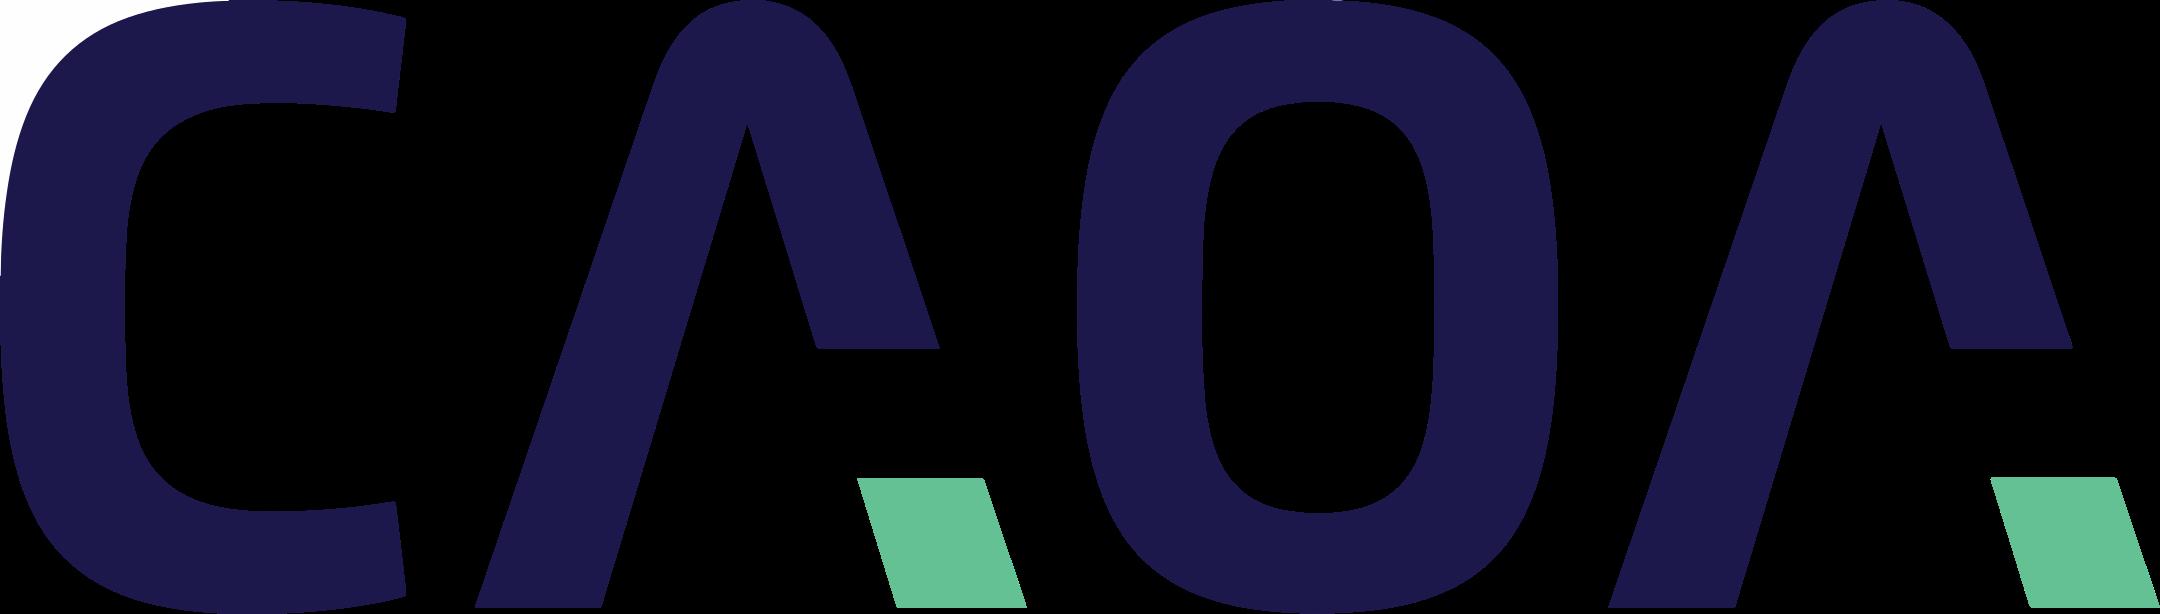 caoa logo 1 - Caoa Logo